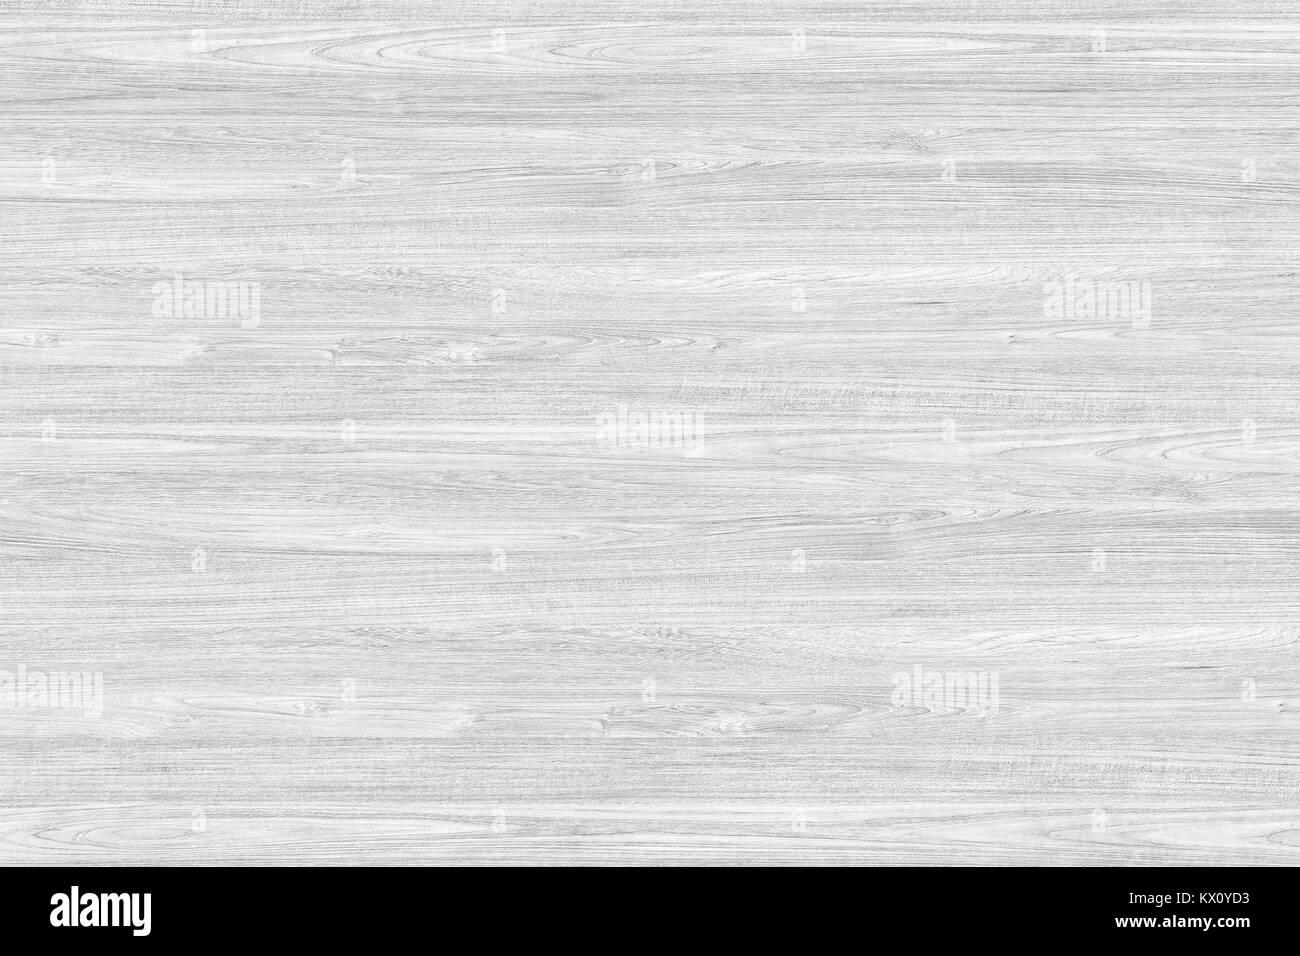 Legno Bianco Vintage : Bianco lavato tavole di legno vintage bianco parete in legno foto